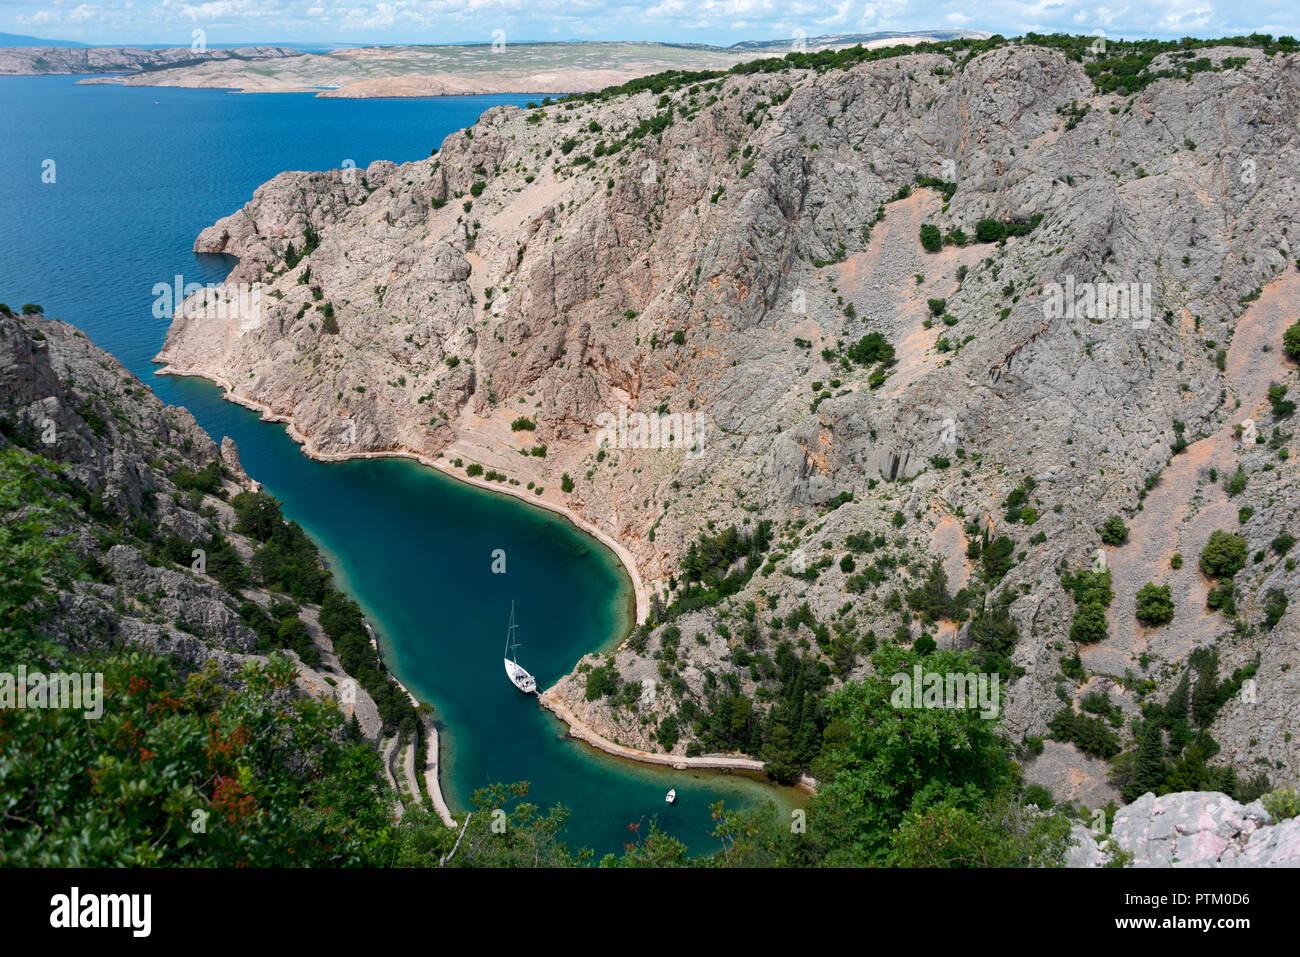 Zavratnica Bay, Prirode Velebit National Park, Jablanac, in the back Rab Island, Dalmatia, Croatia - Stock Image